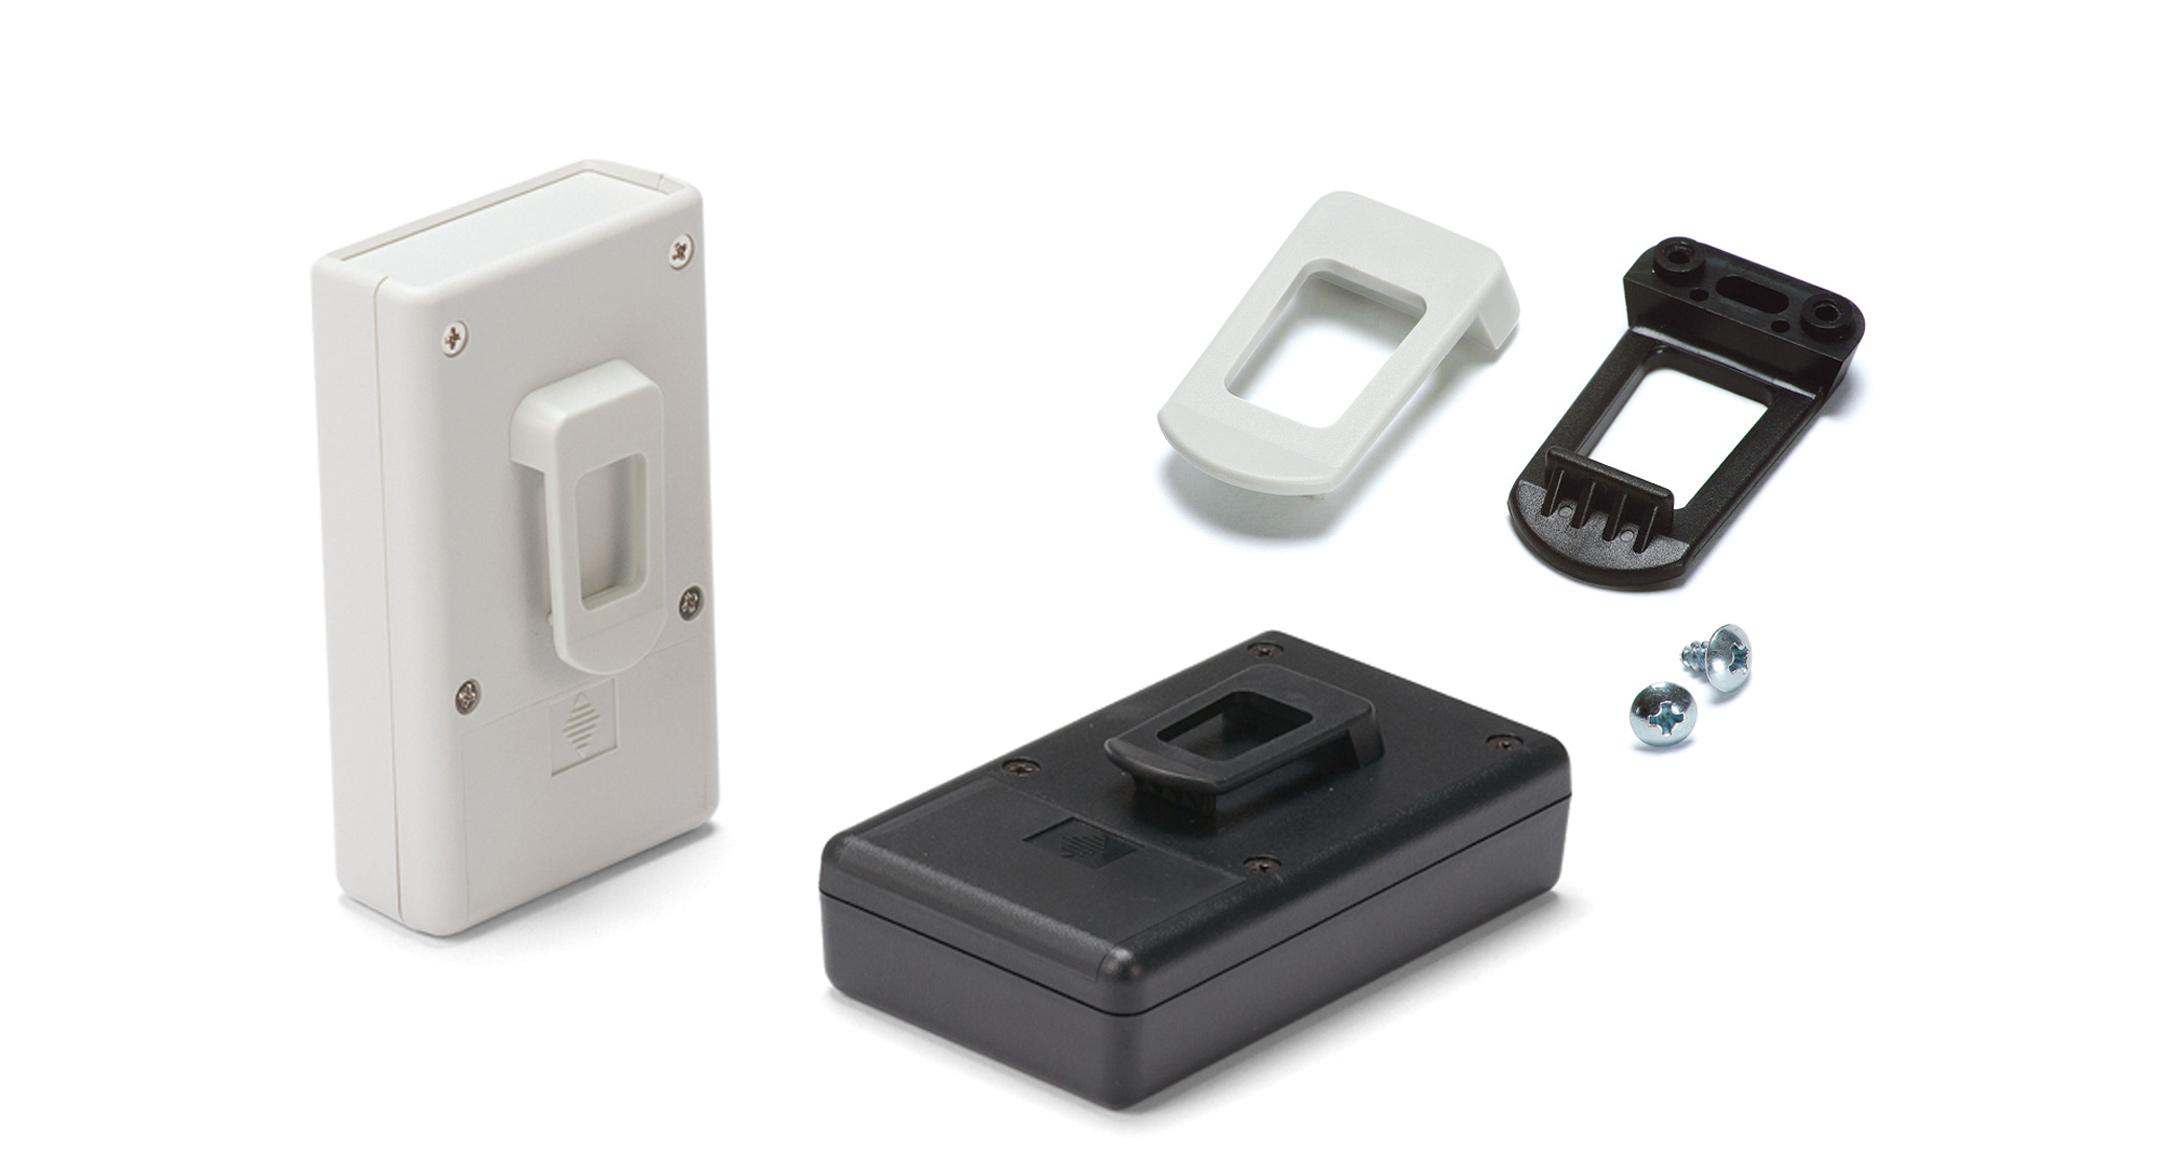 ハンドへルドプラスチックケース GHAシリーズの画像